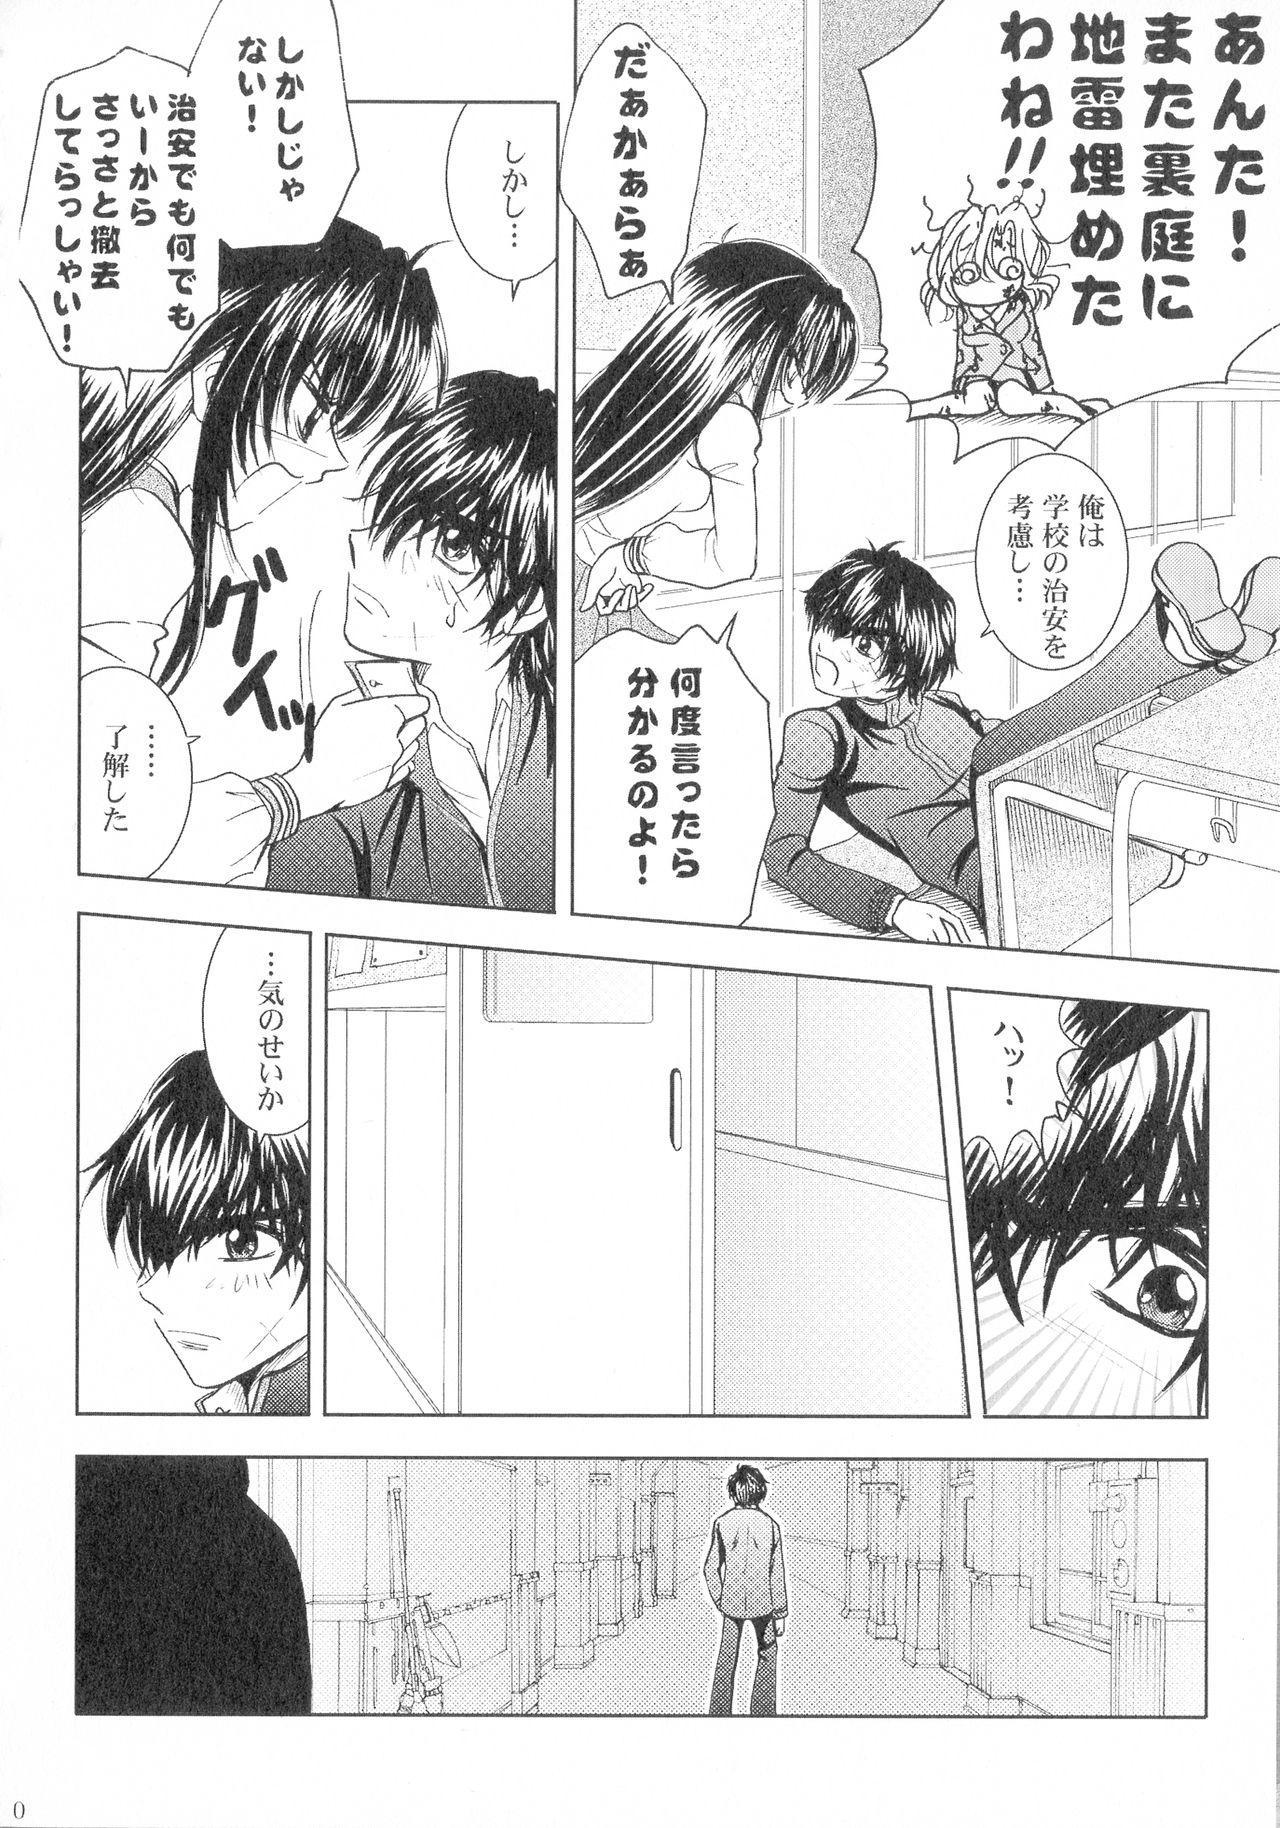 SEXY PANIC Sairokushuu Vol. 4 40